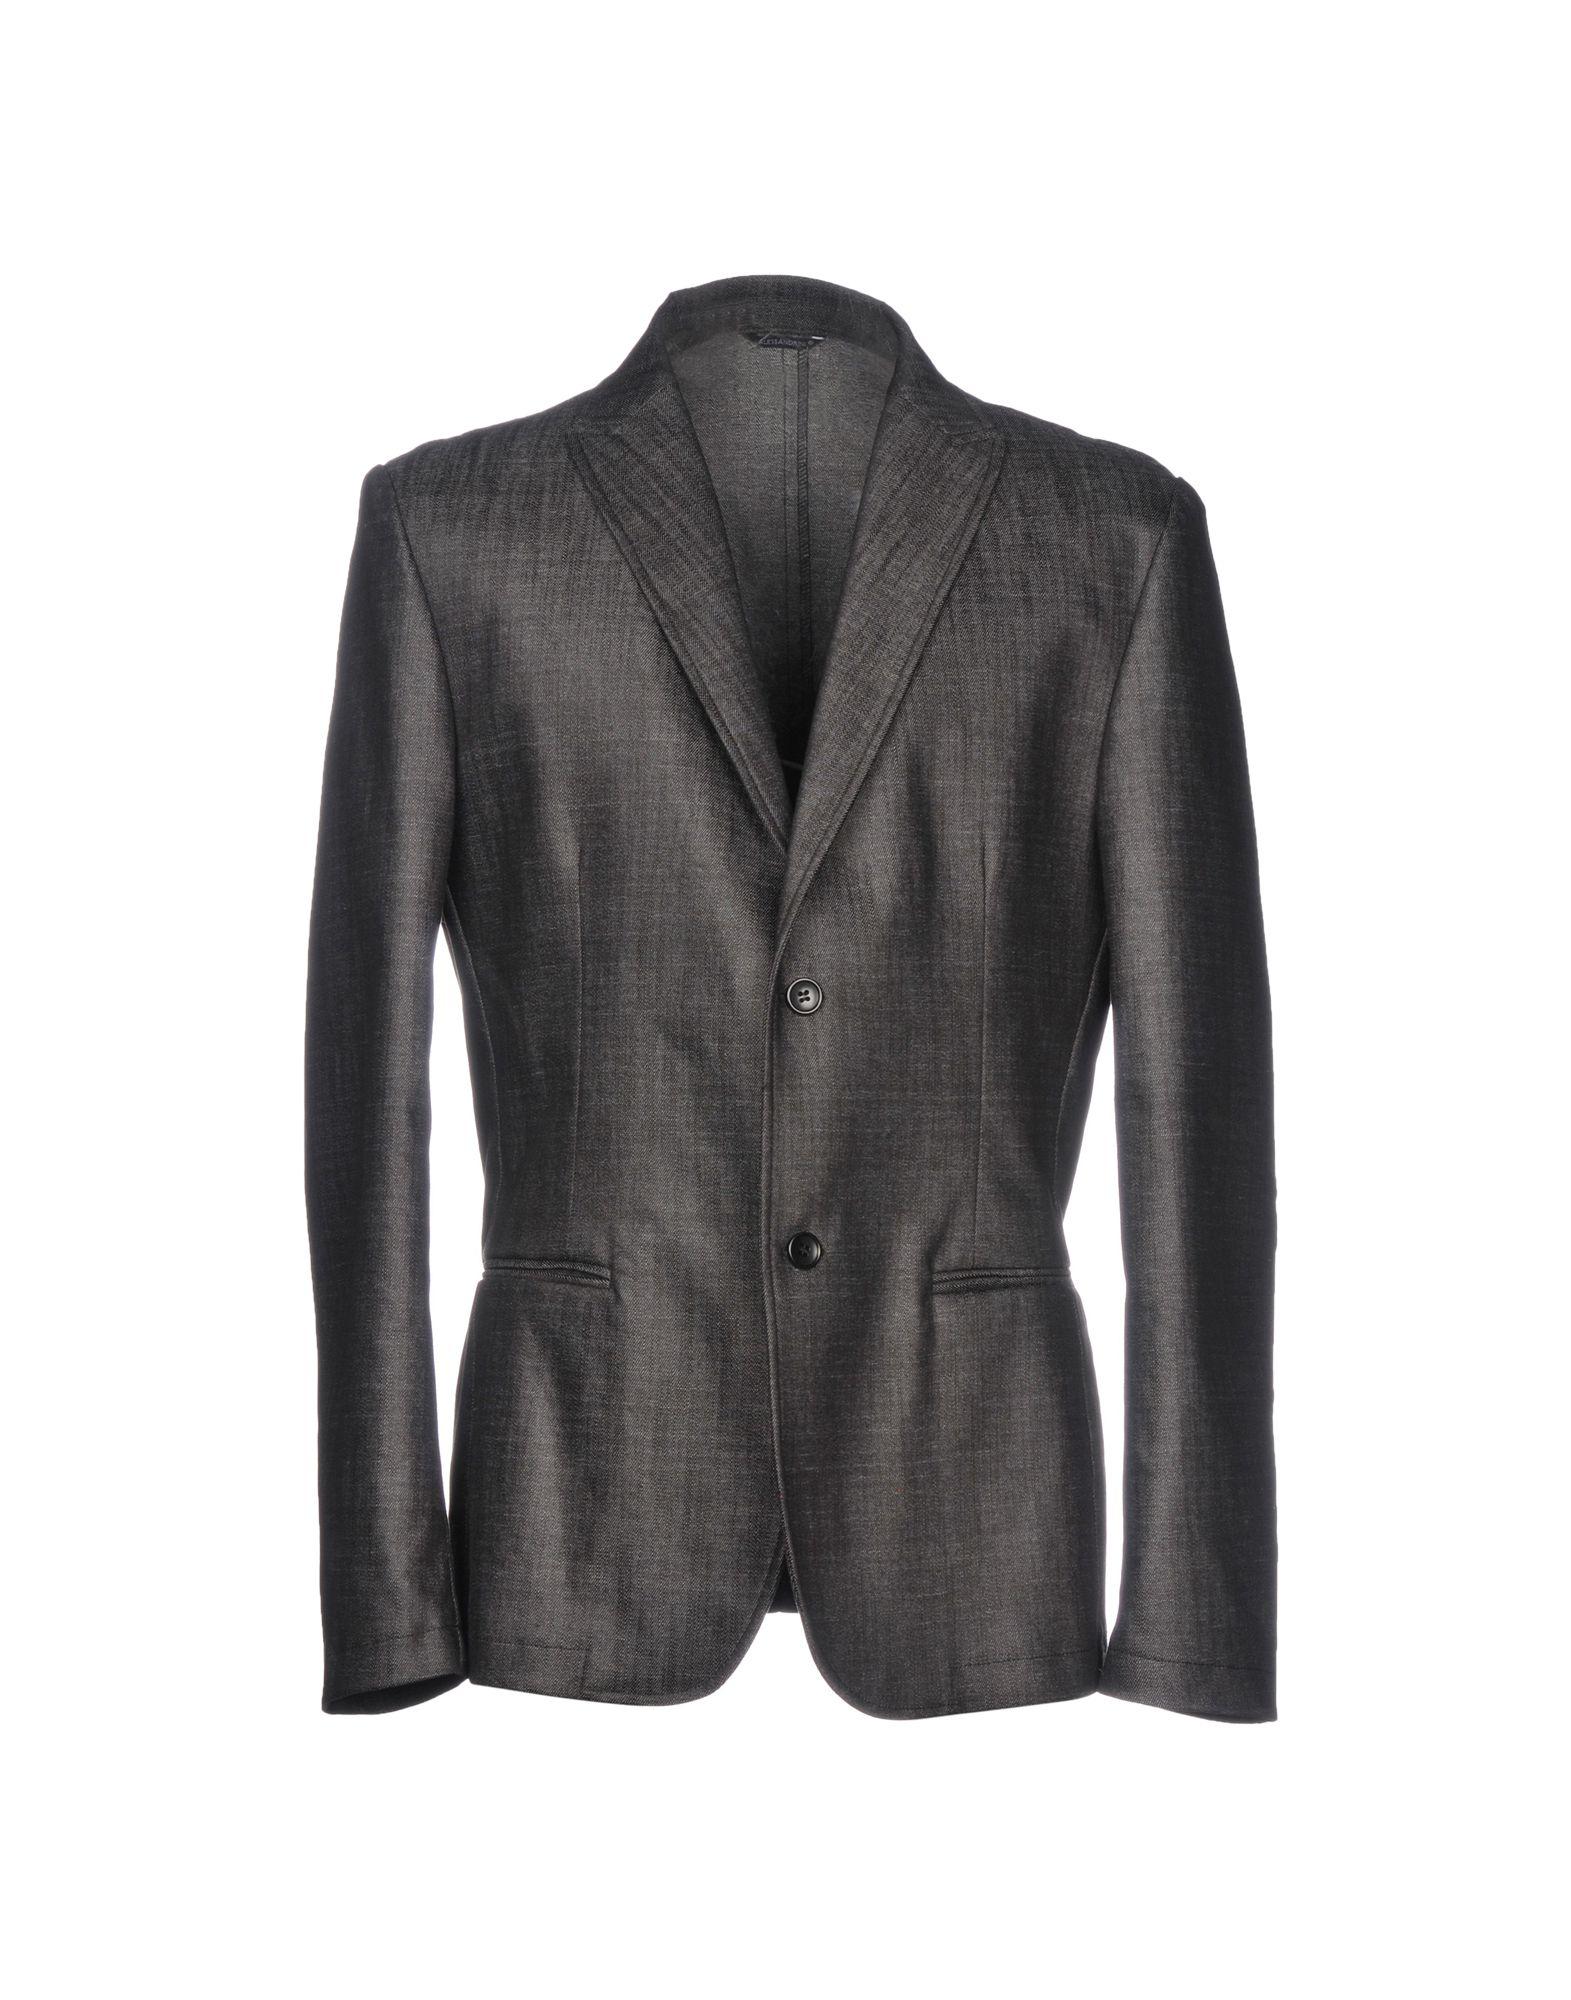 DANIELE ALESSANDRINI HOMME Пиджак пиджак костюм dandy homme x 52192 dandyhomme